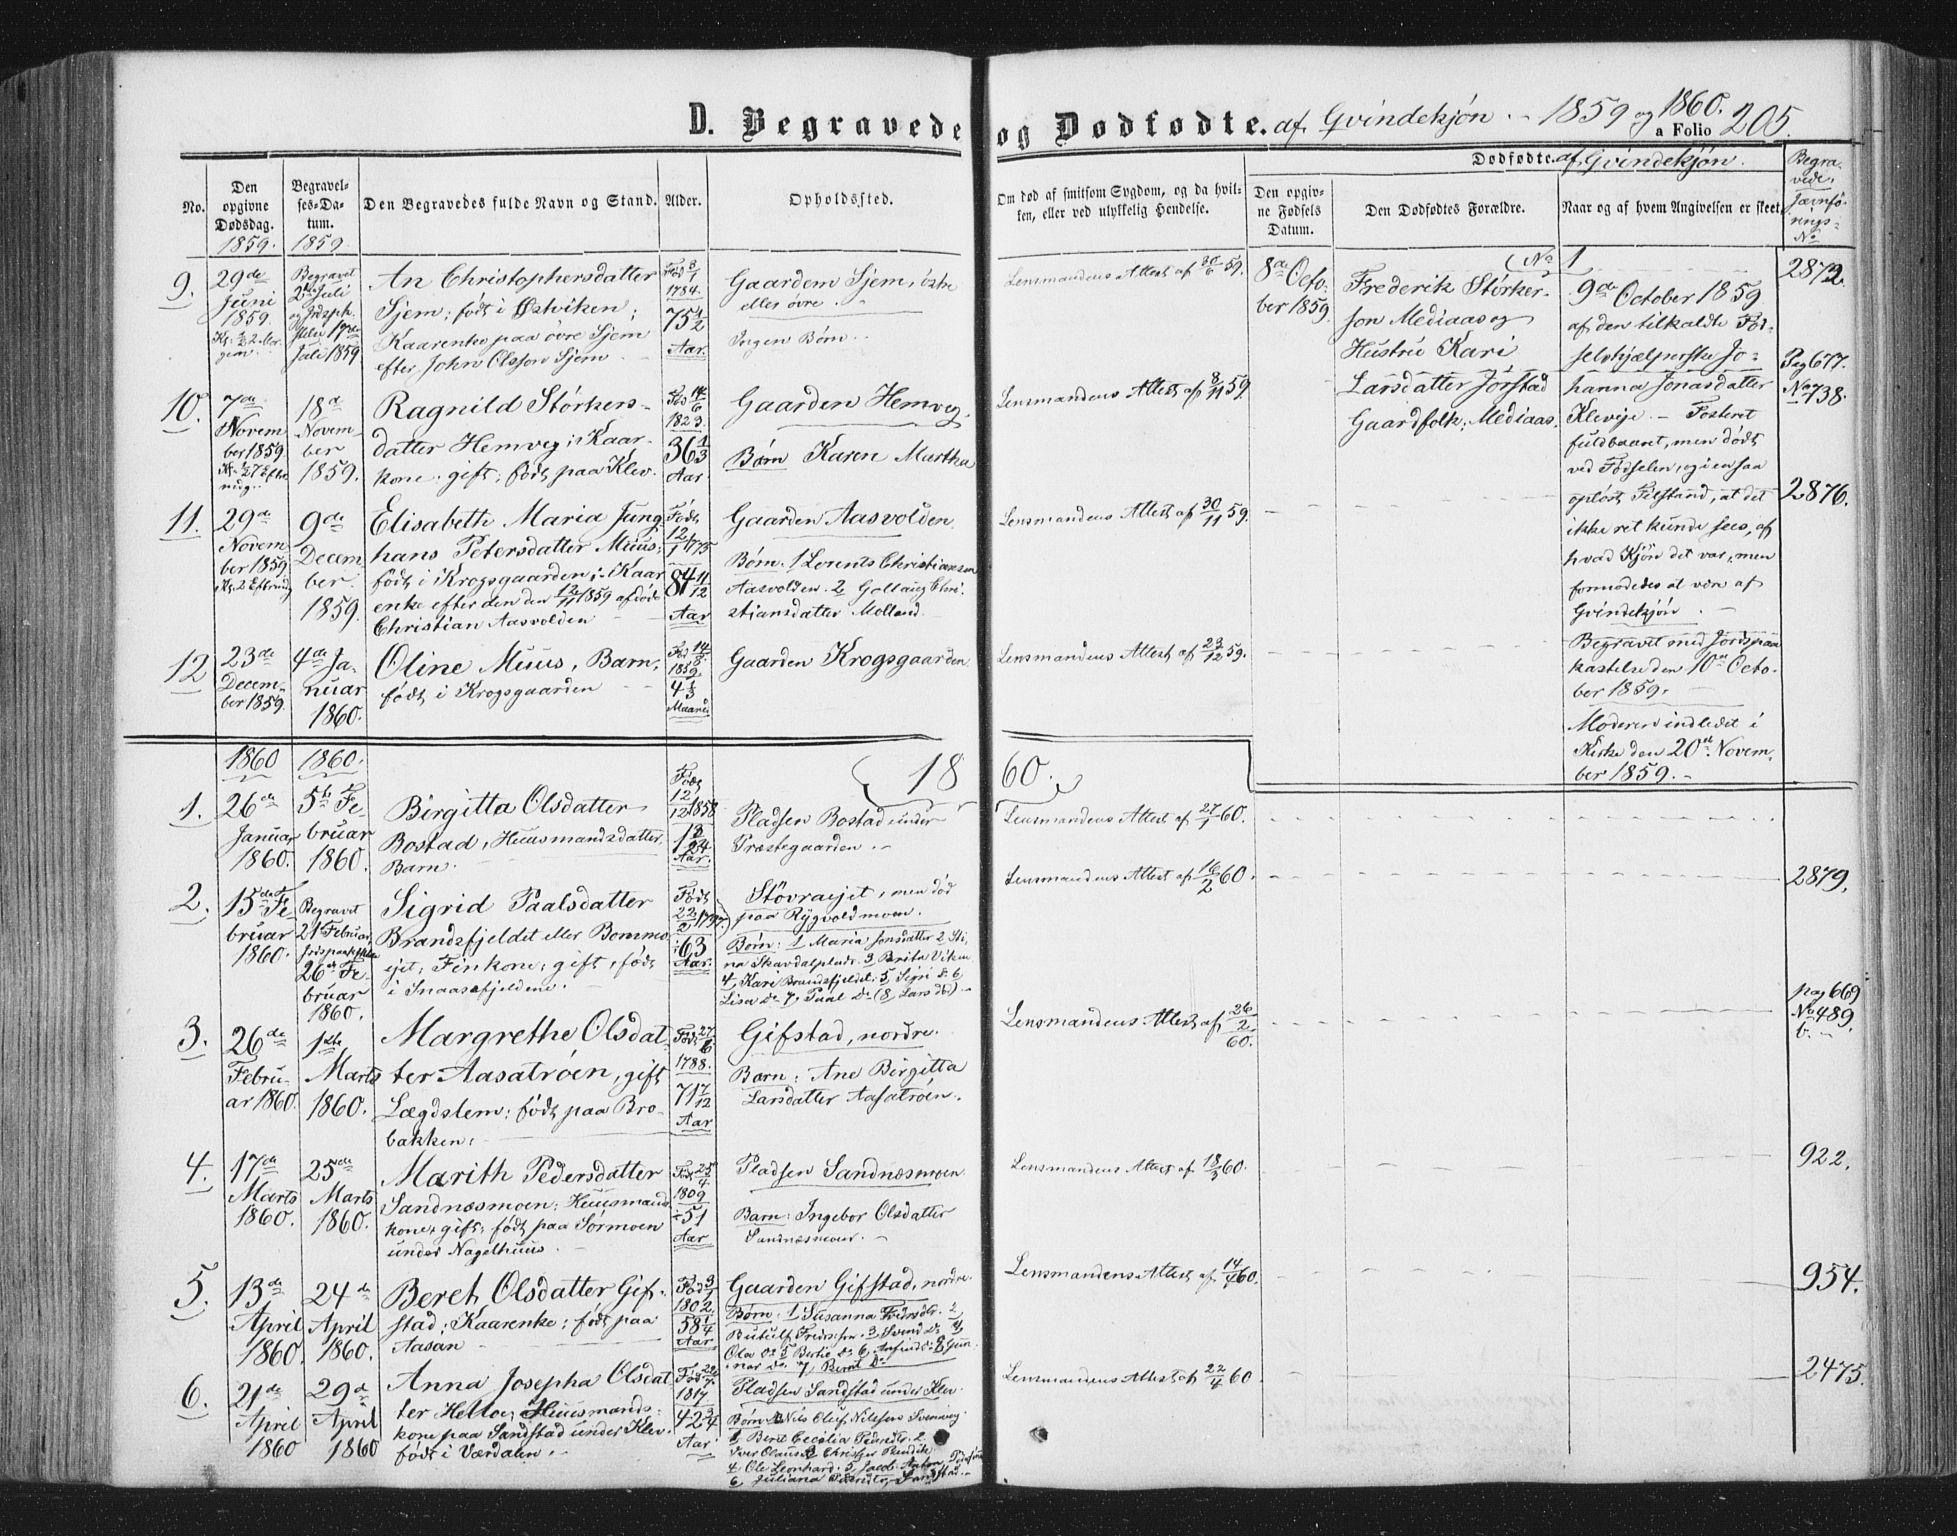 SAT, Ministerialprotokoller, klokkerbøker og fødselsregistre - Nord-Trøndelag, 749/L0472: Ministerialbok nr. 749A06, 1857-1873, s. 205